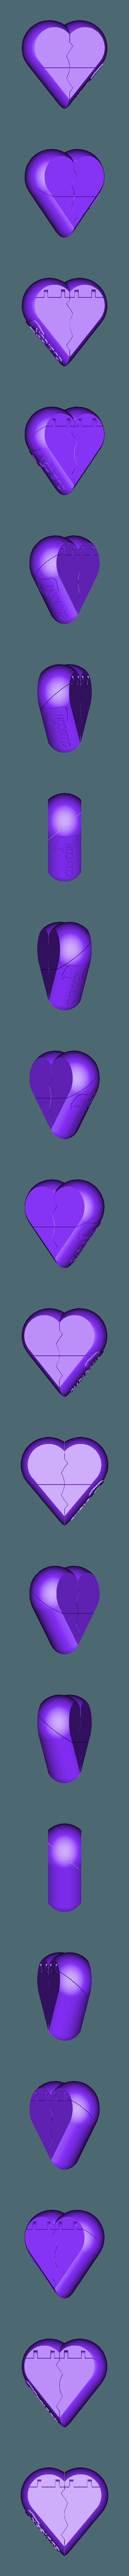 SecretHeartCubicon.stl Télécharger fichier STL gratuit Boîte à Coeur Cubicon Secrète (Remix) • Design imprimable en 3D, 3DWP